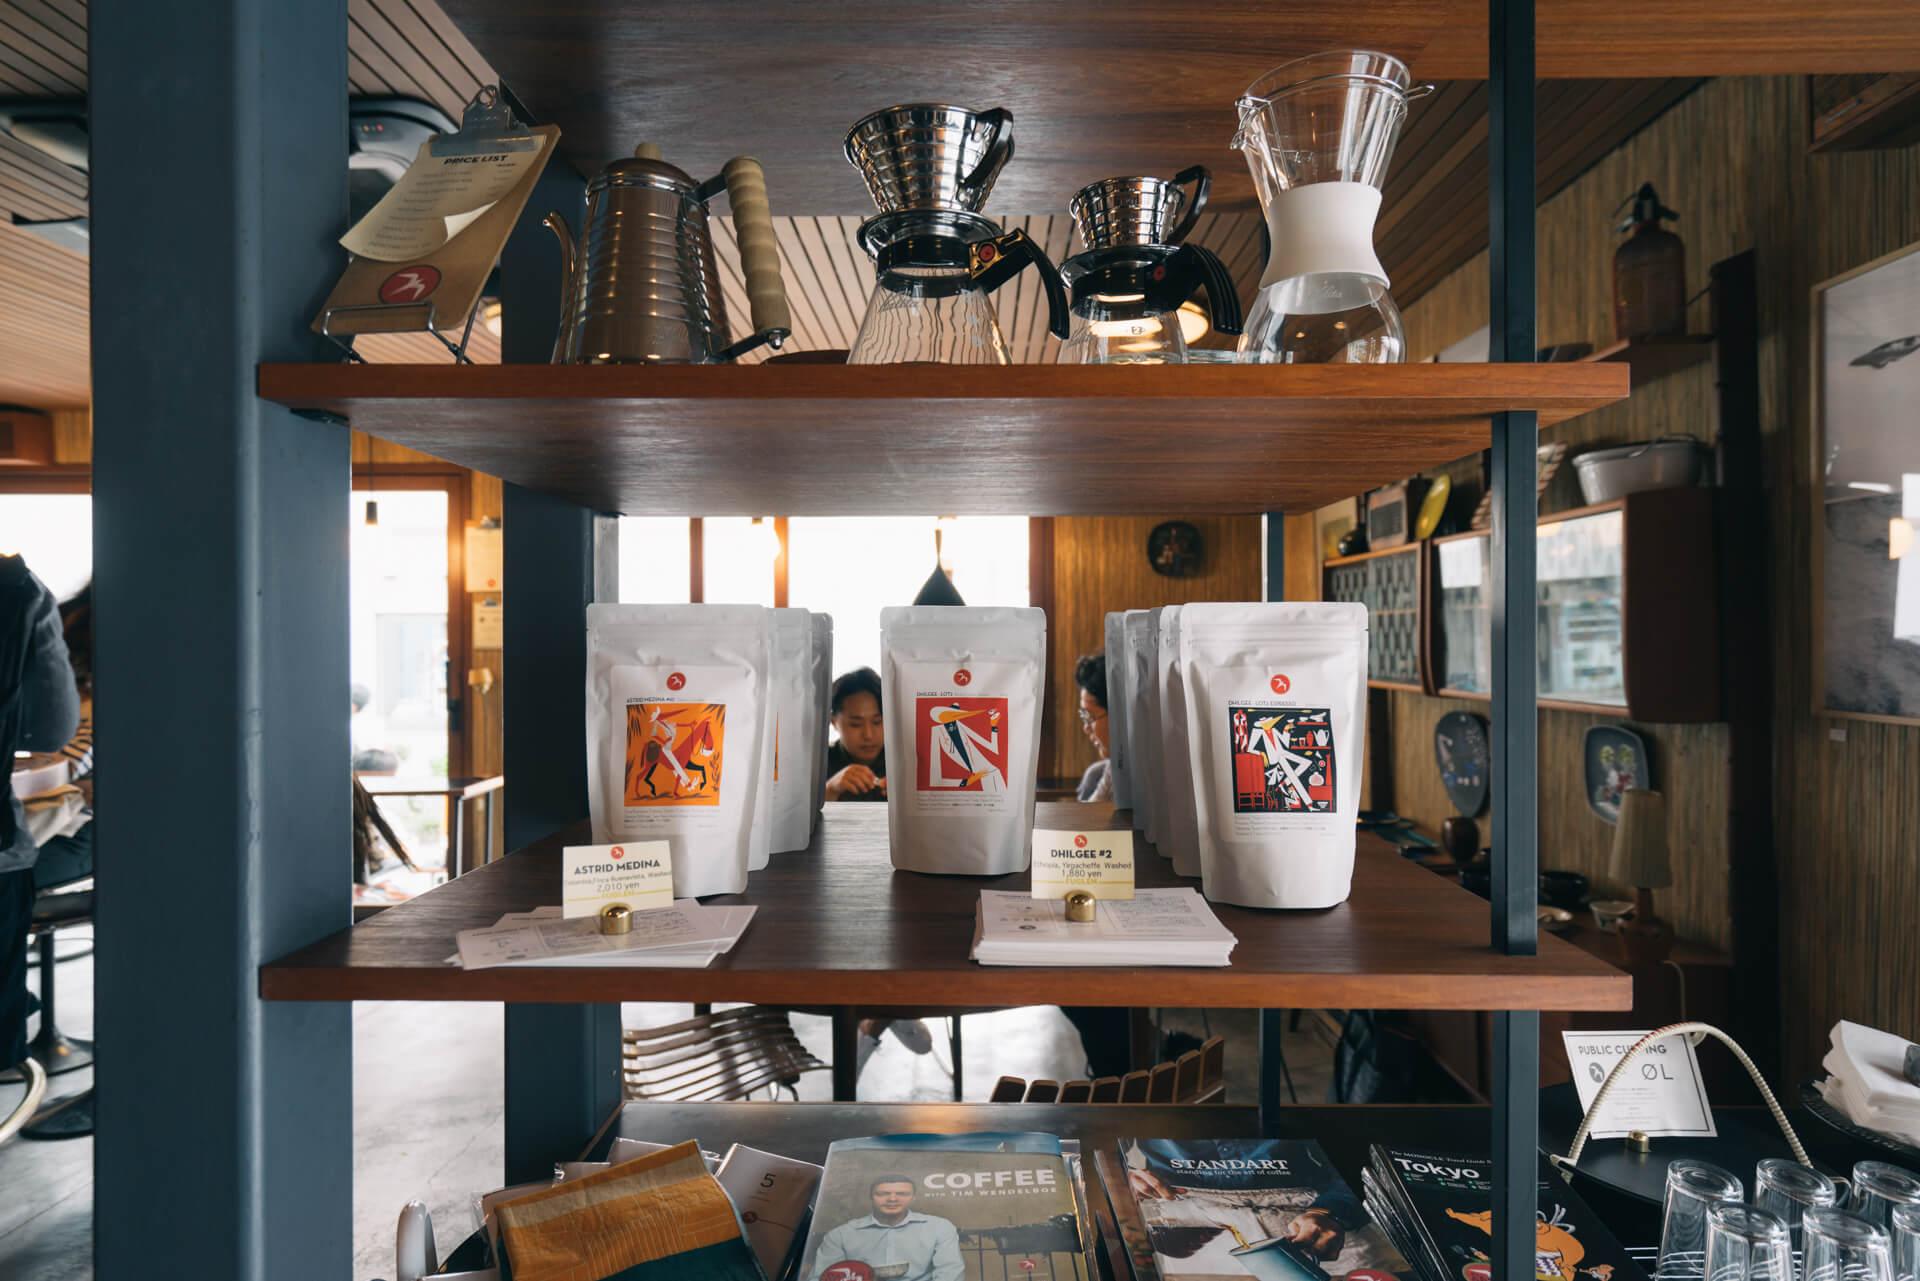 お店で淹れているのと同じ豆や、道具、それにコーヒーについてよく知ることのできる冊子なども販売。